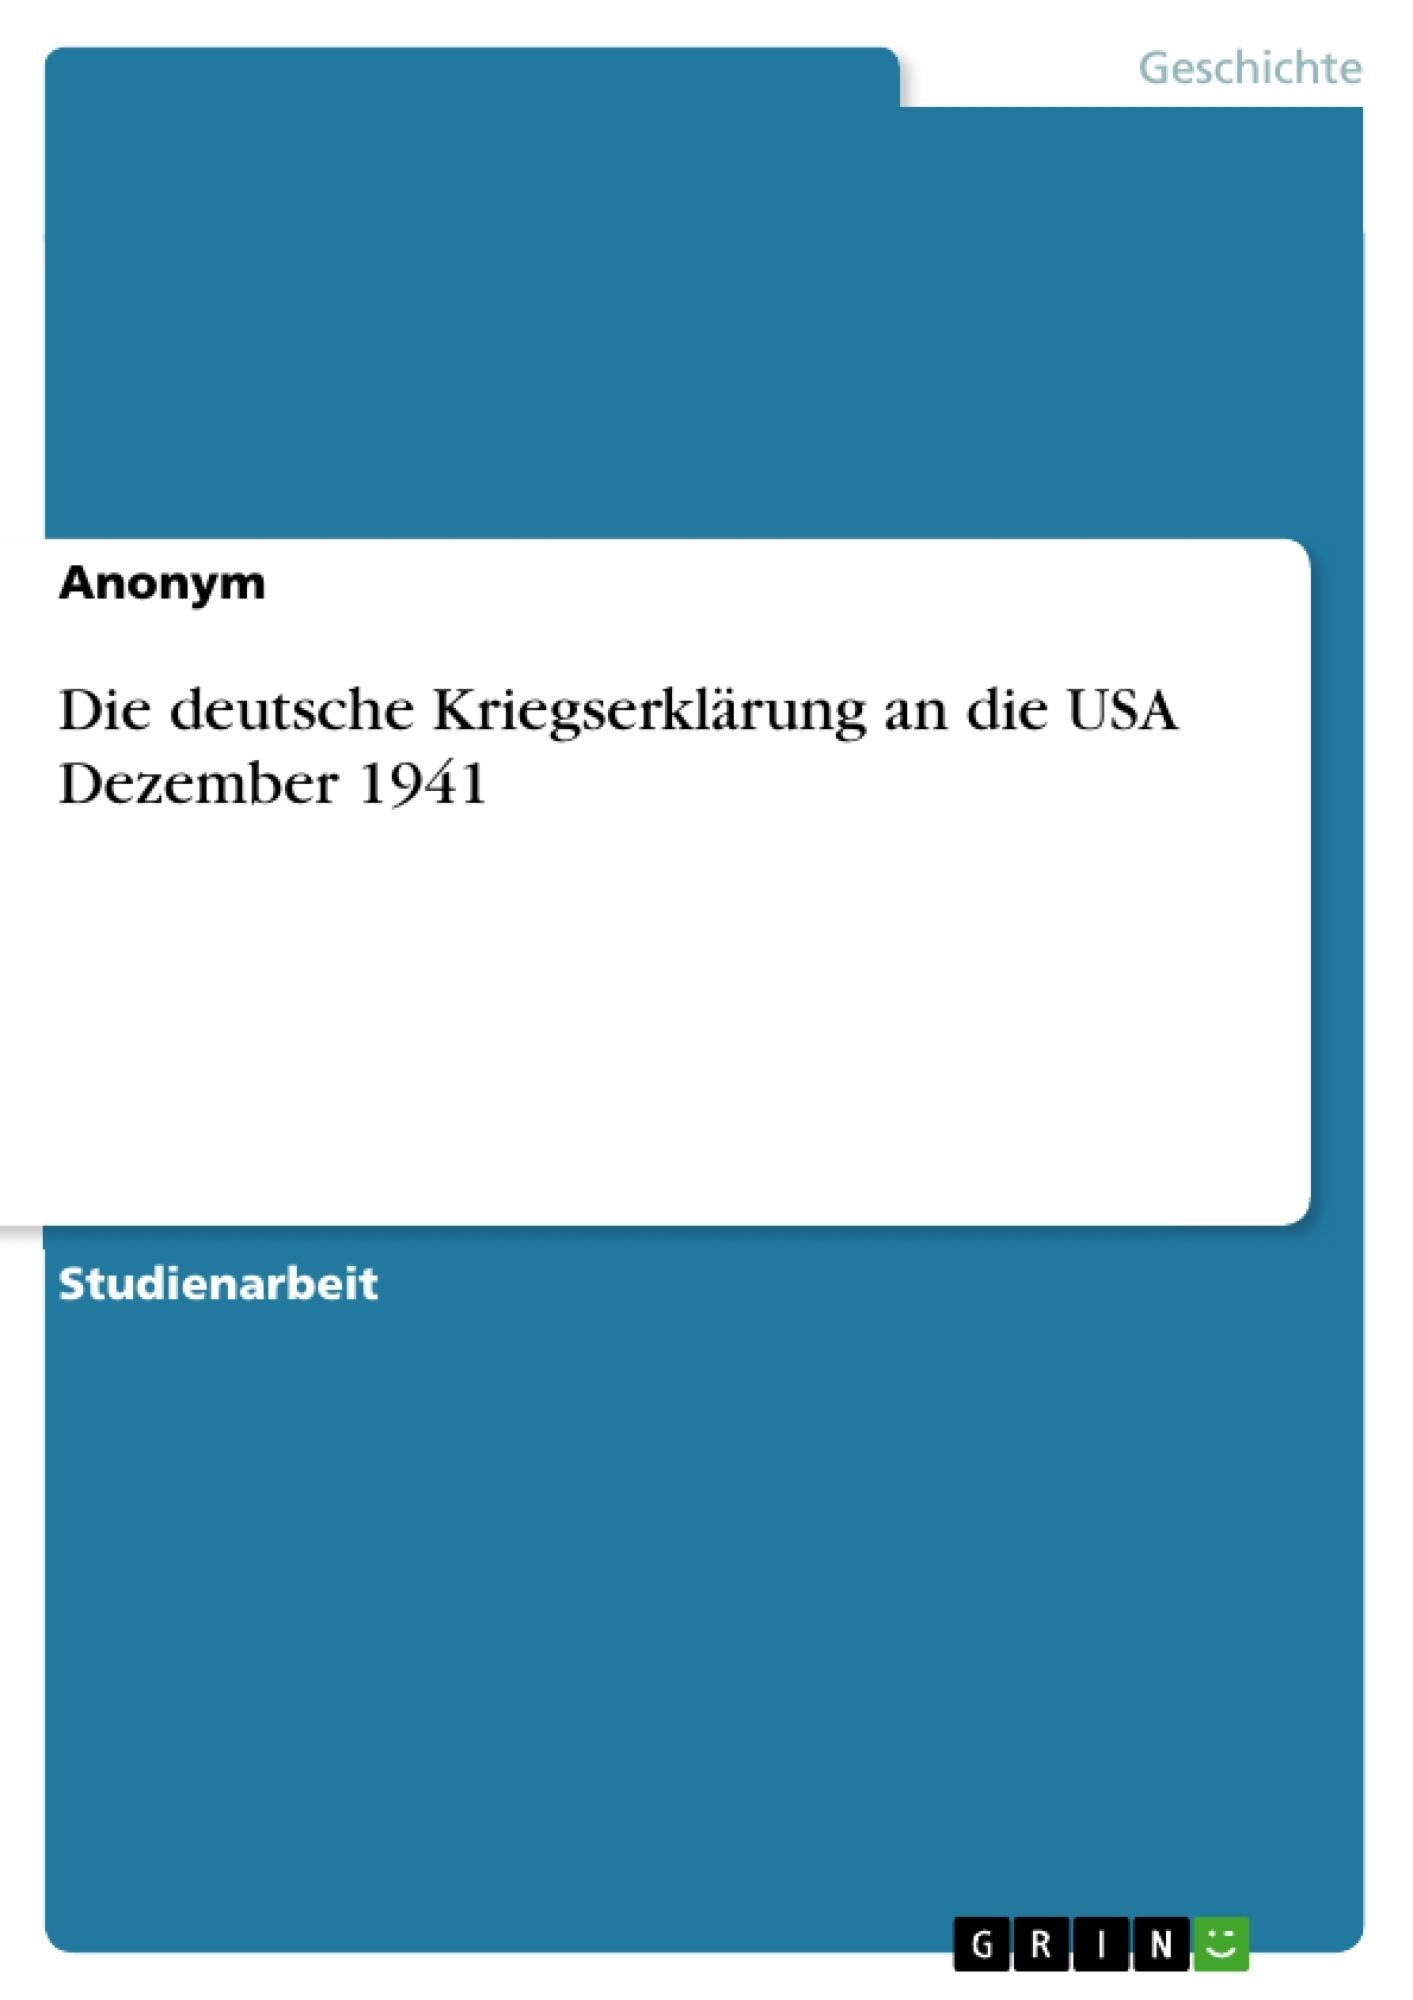 Titel: Die deutsche Kriegserklärung an die USA Dezember 1941